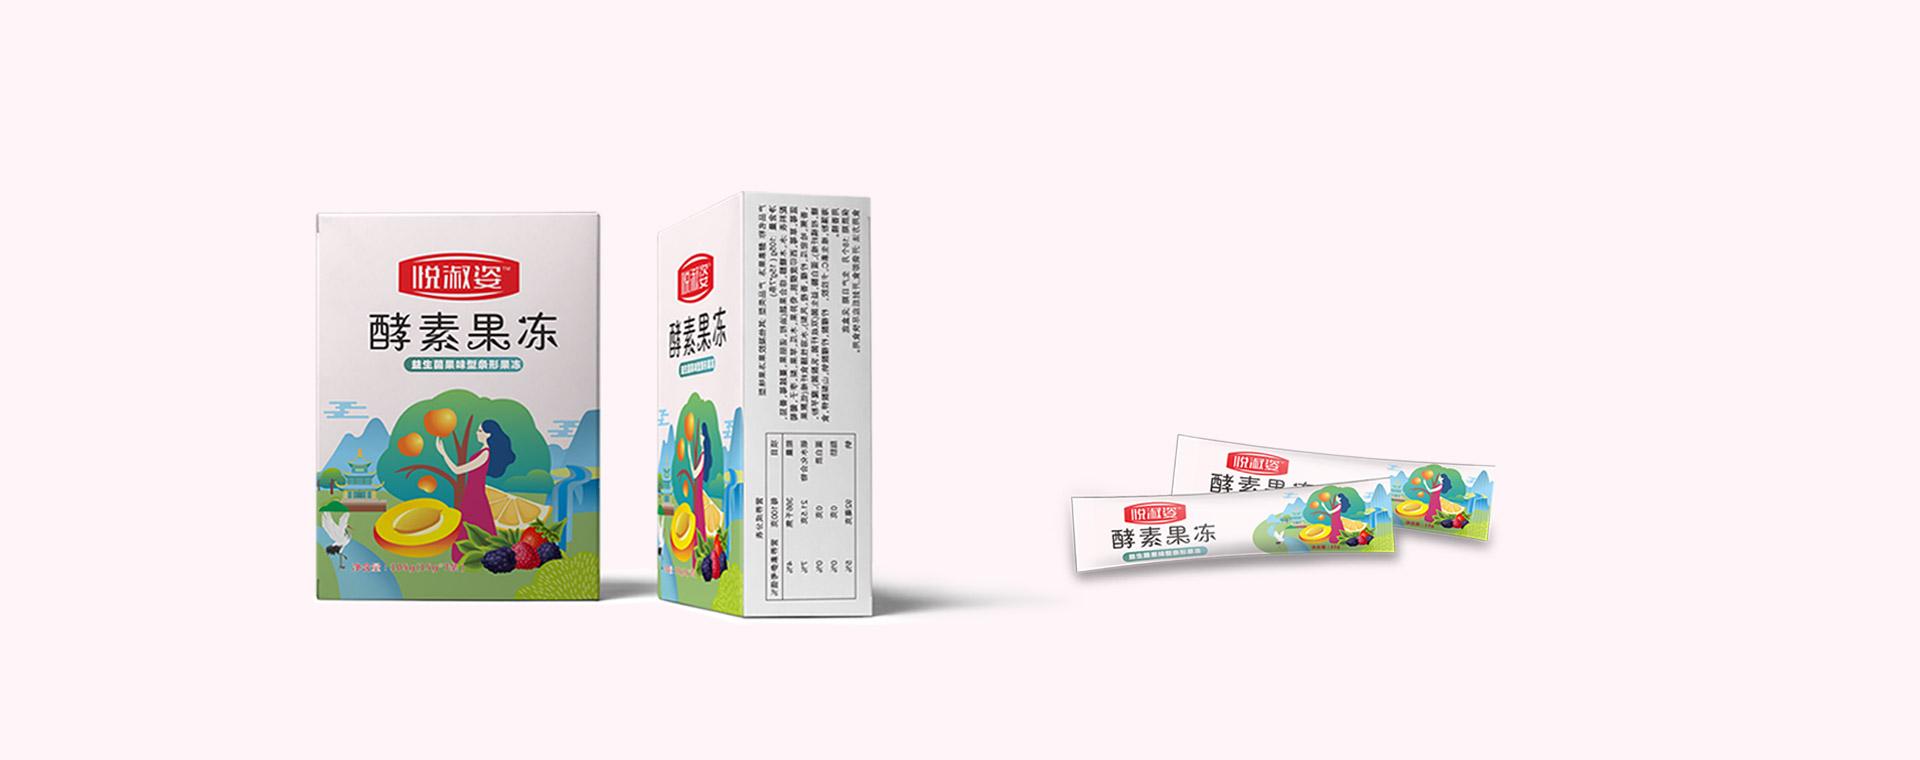 饮料包装盒设计图片欣赏 果汁饮料包装设计案例